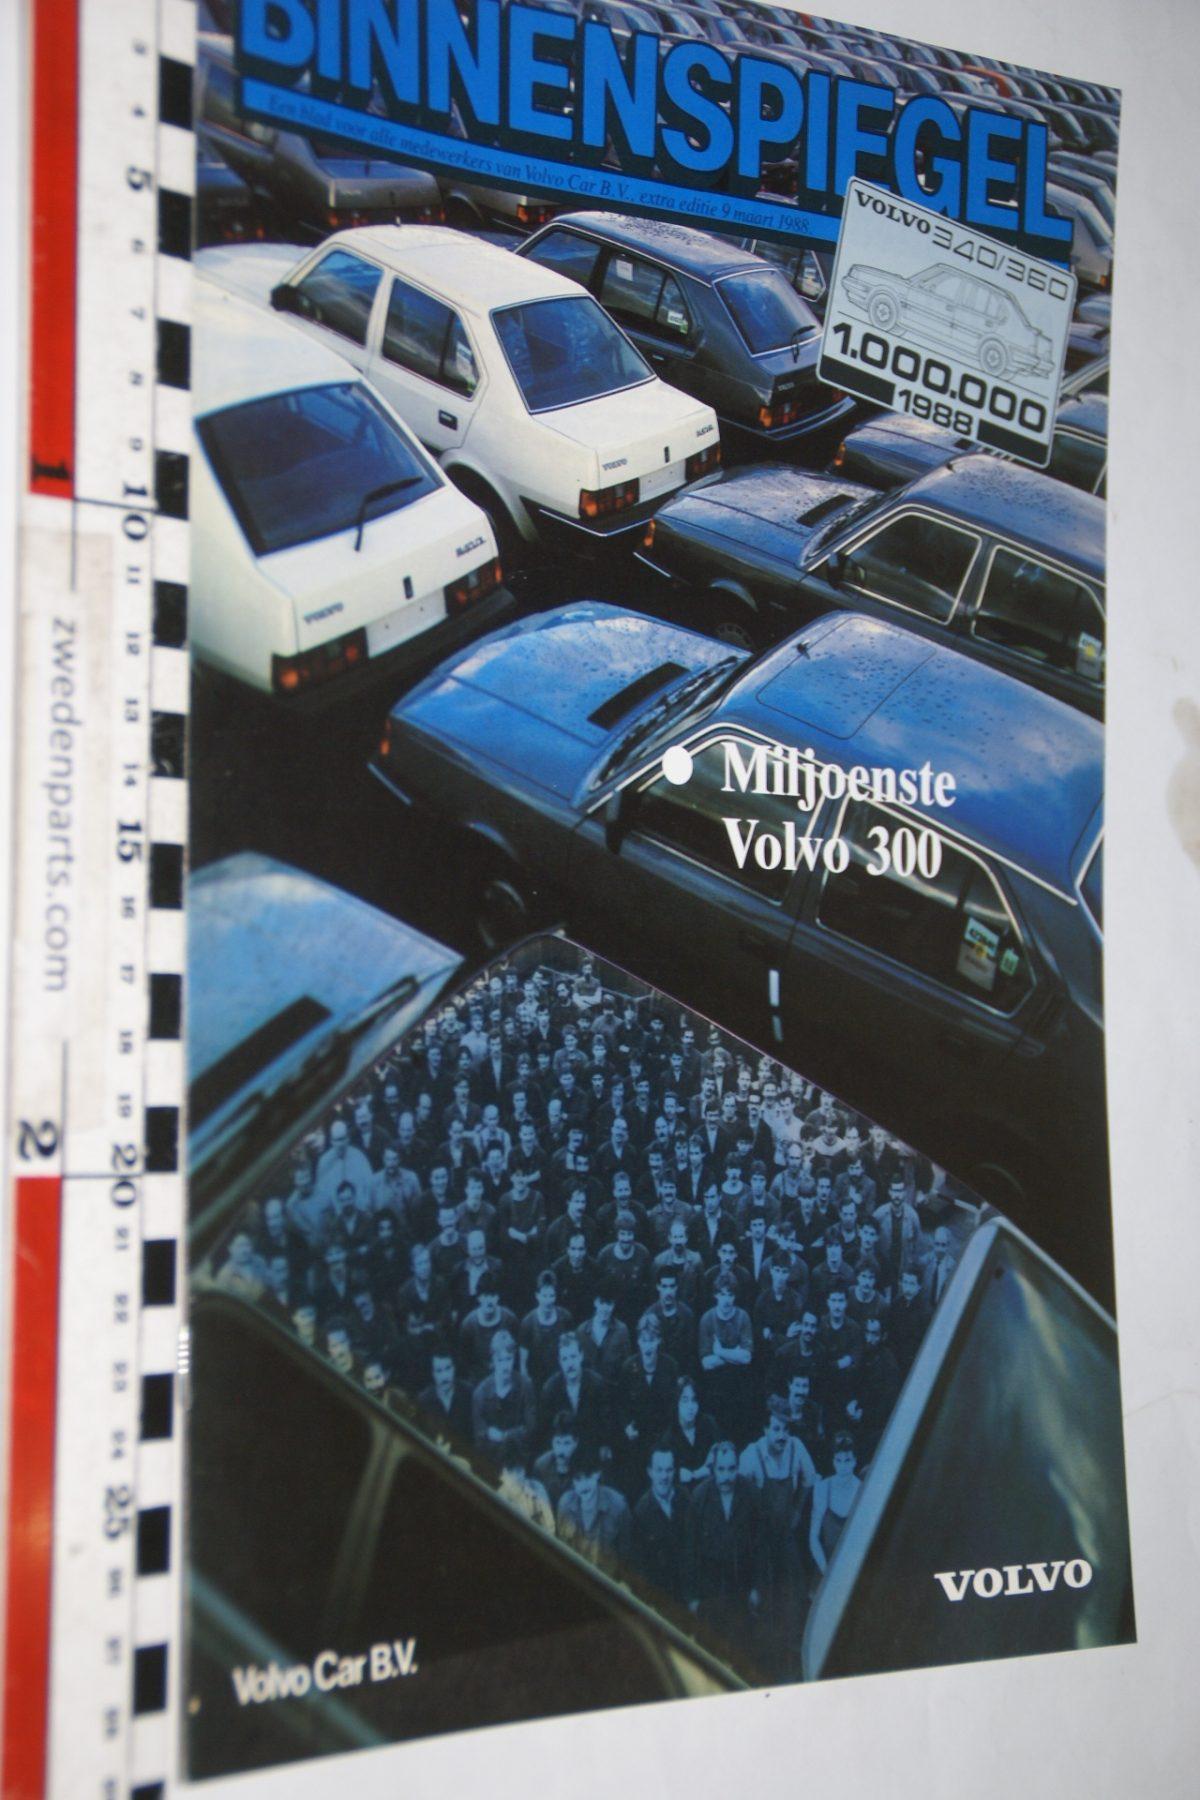 DSC05177 1988 tijdschrift Volvo Binnenspiegel nr 3